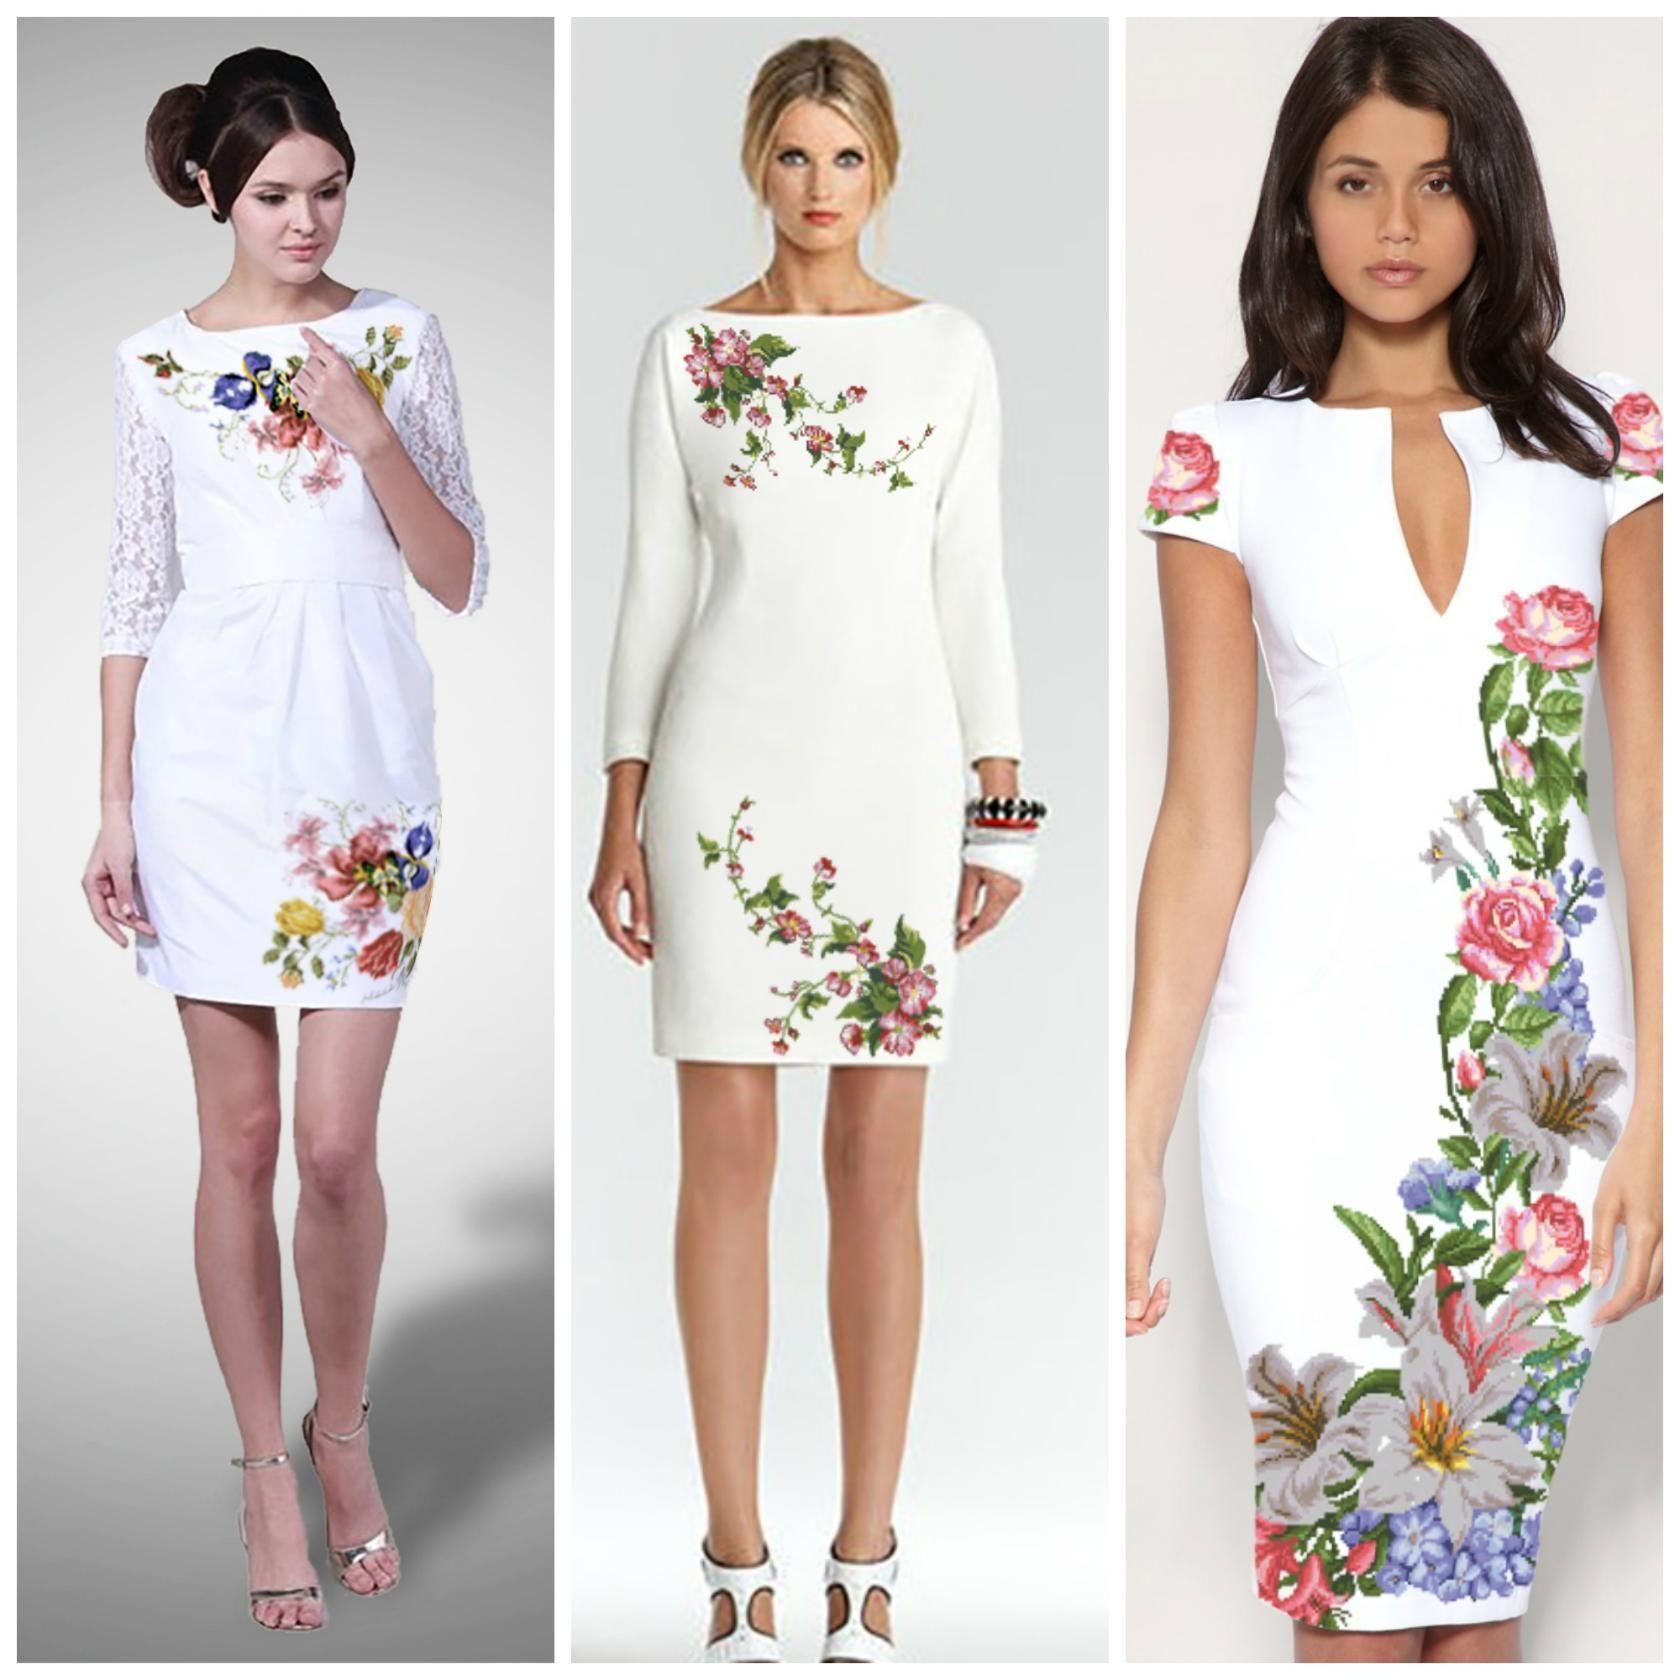 ad5b187b1e Vestido blanco con flores